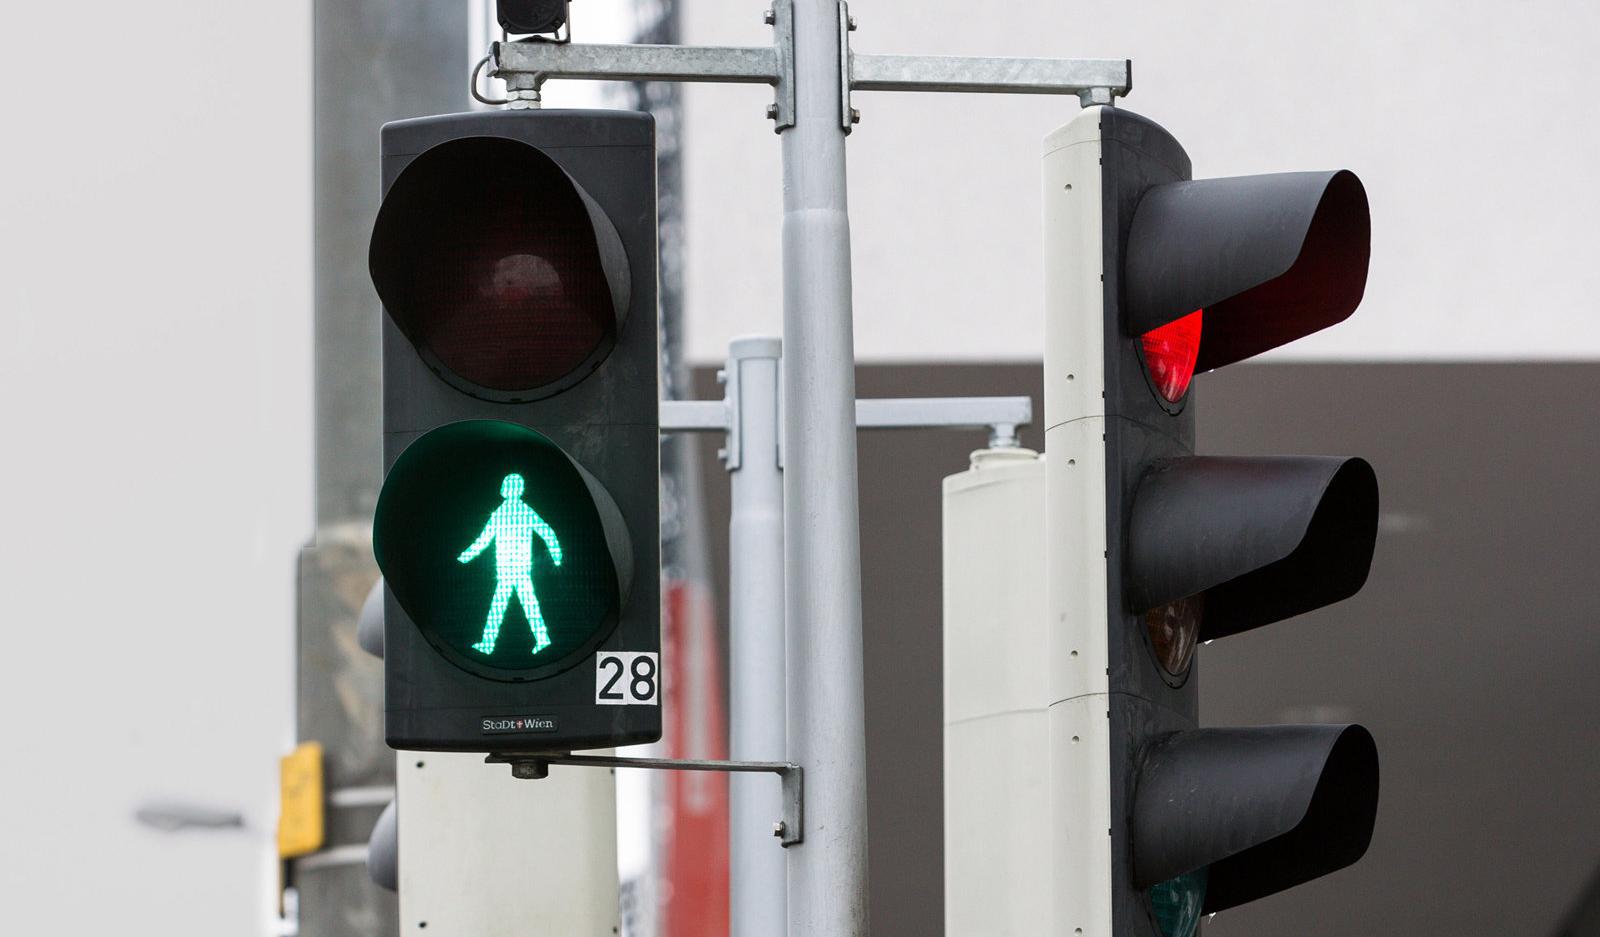 Светофоры будущего будут заранее знать, когда вы хотите перейти улицу